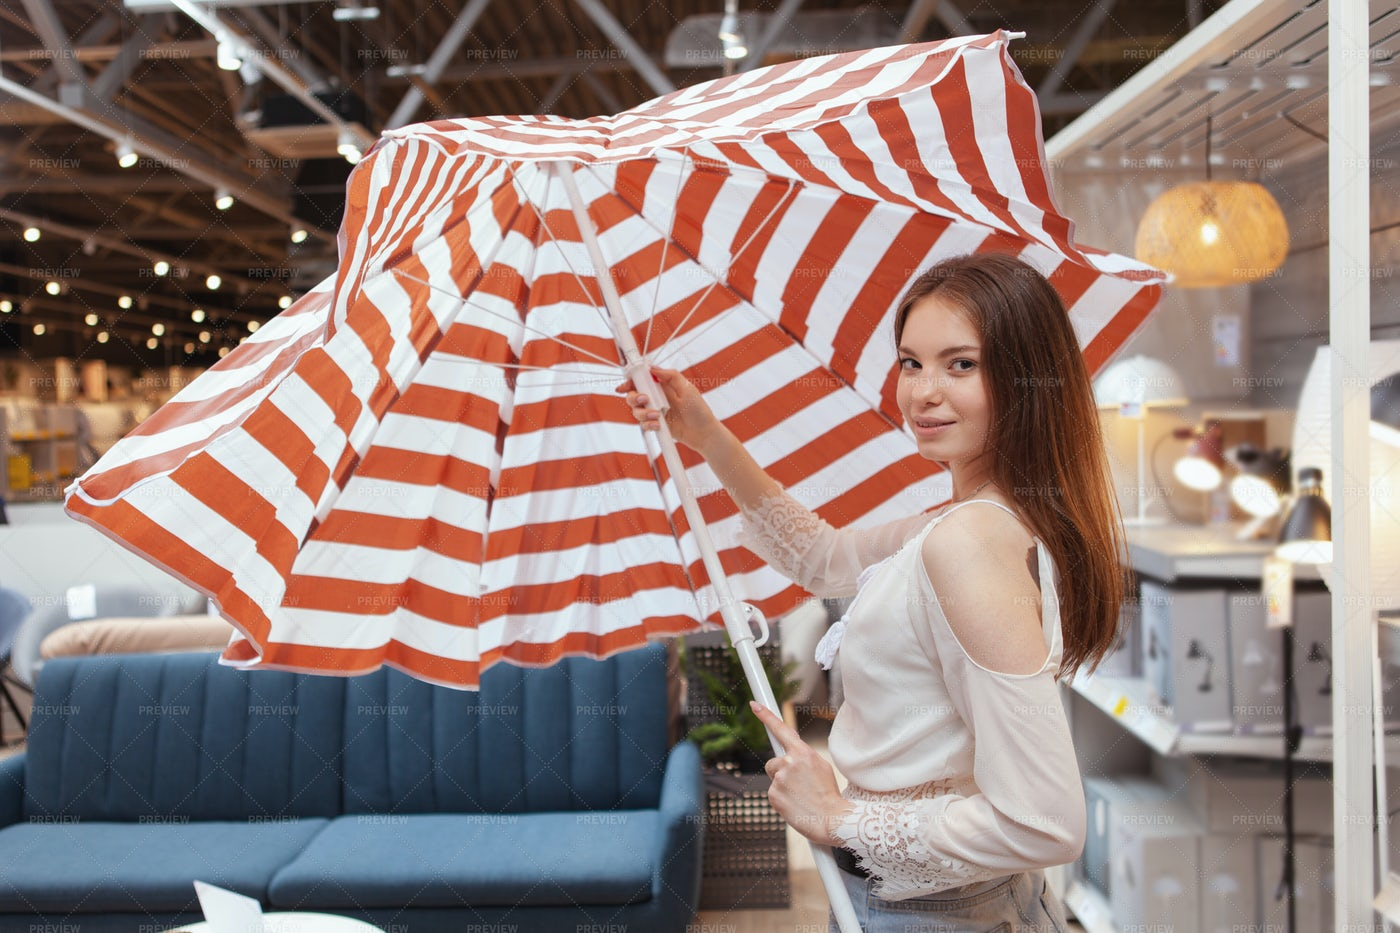 Buying A Beach Umbrella: Stock Photos